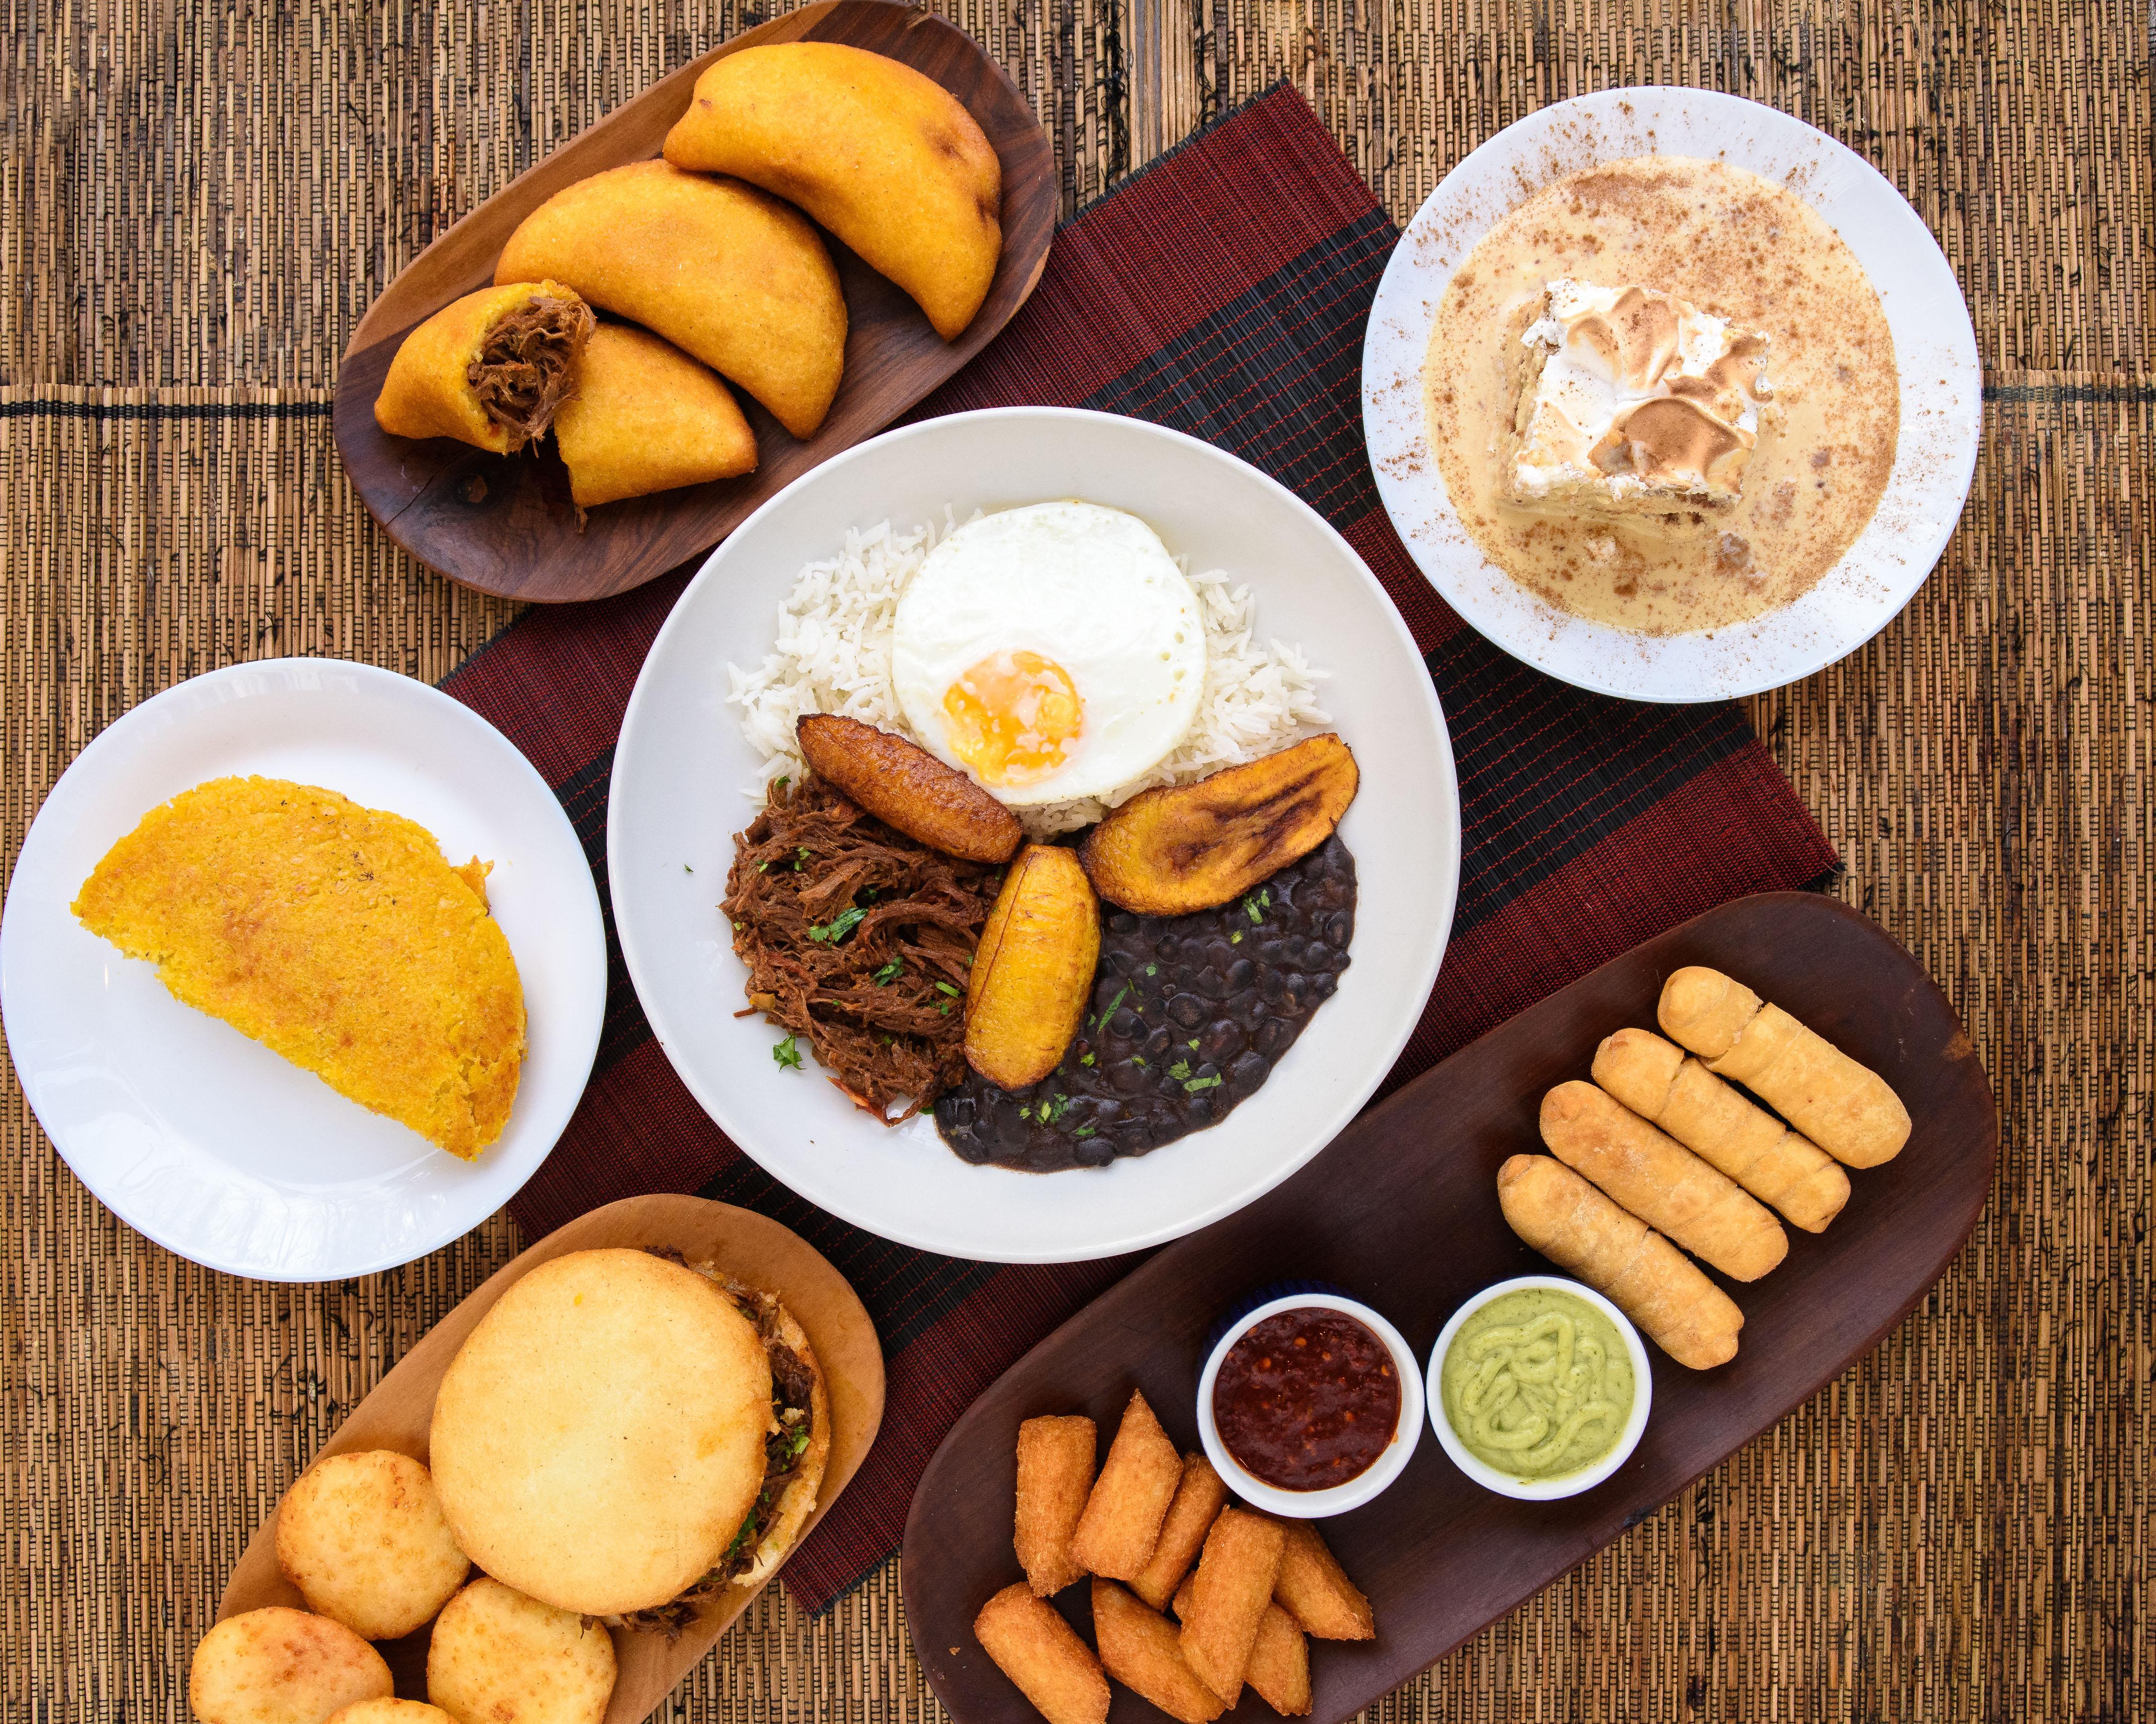 VENEZUELA FOOD - MI COCINA ES TUYA